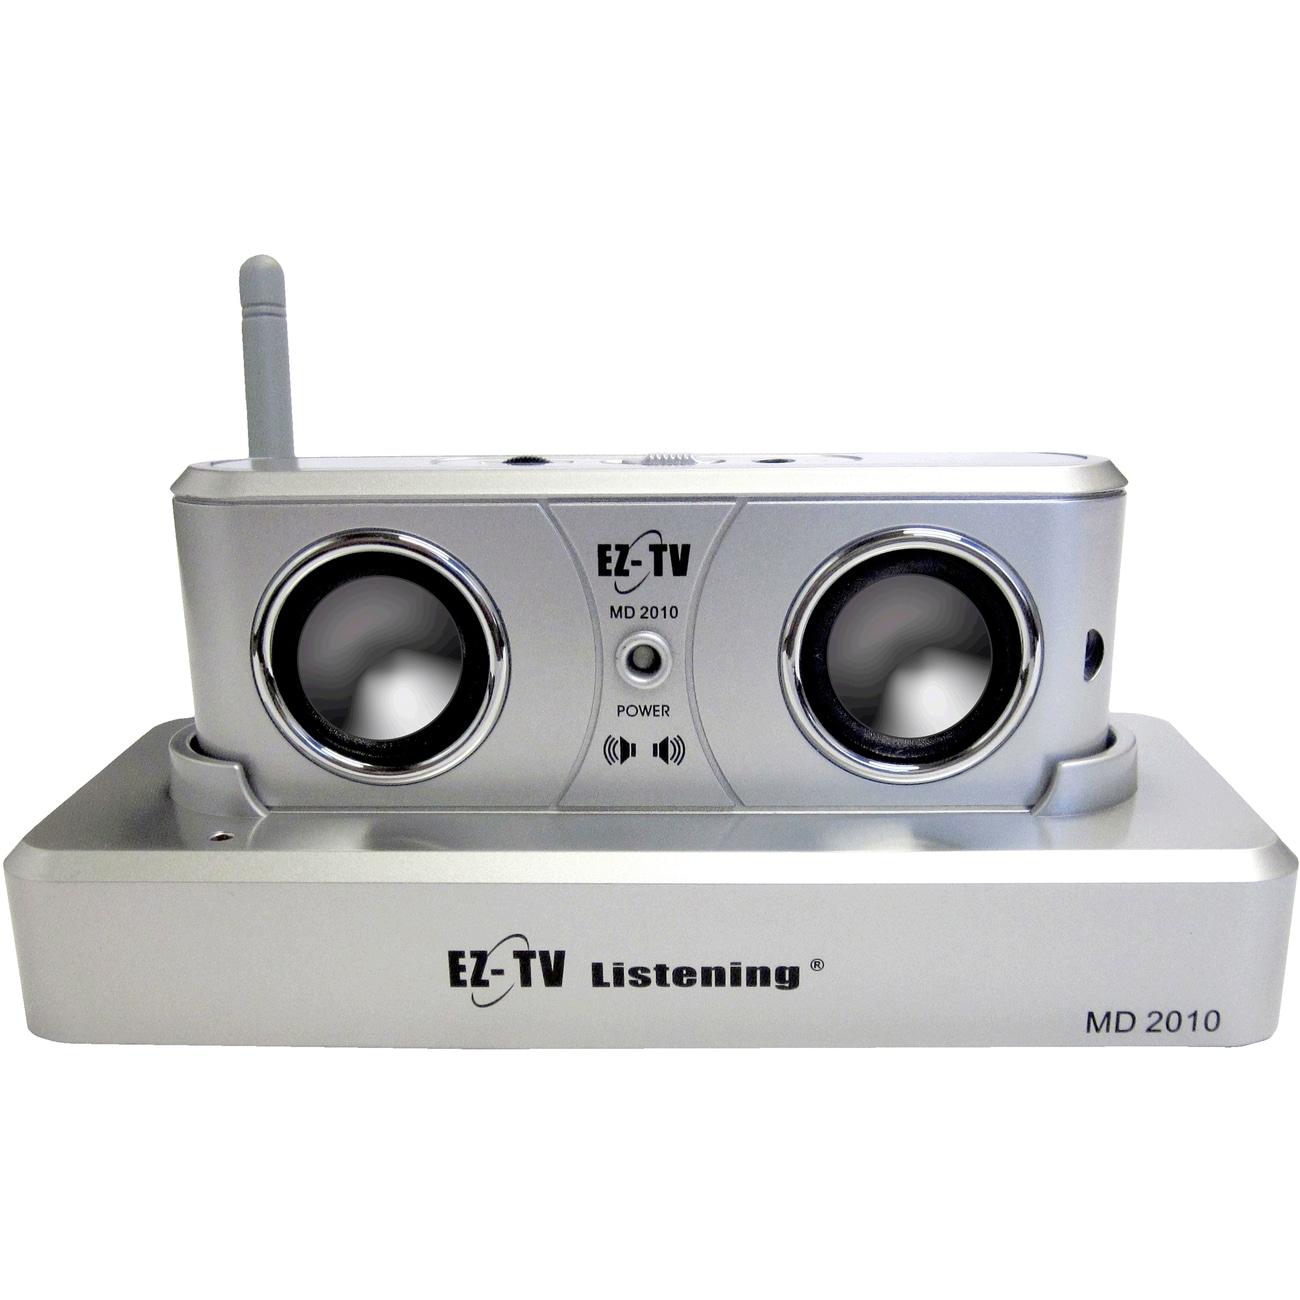 EZ-TV Listening ND2010S Speaker System - White